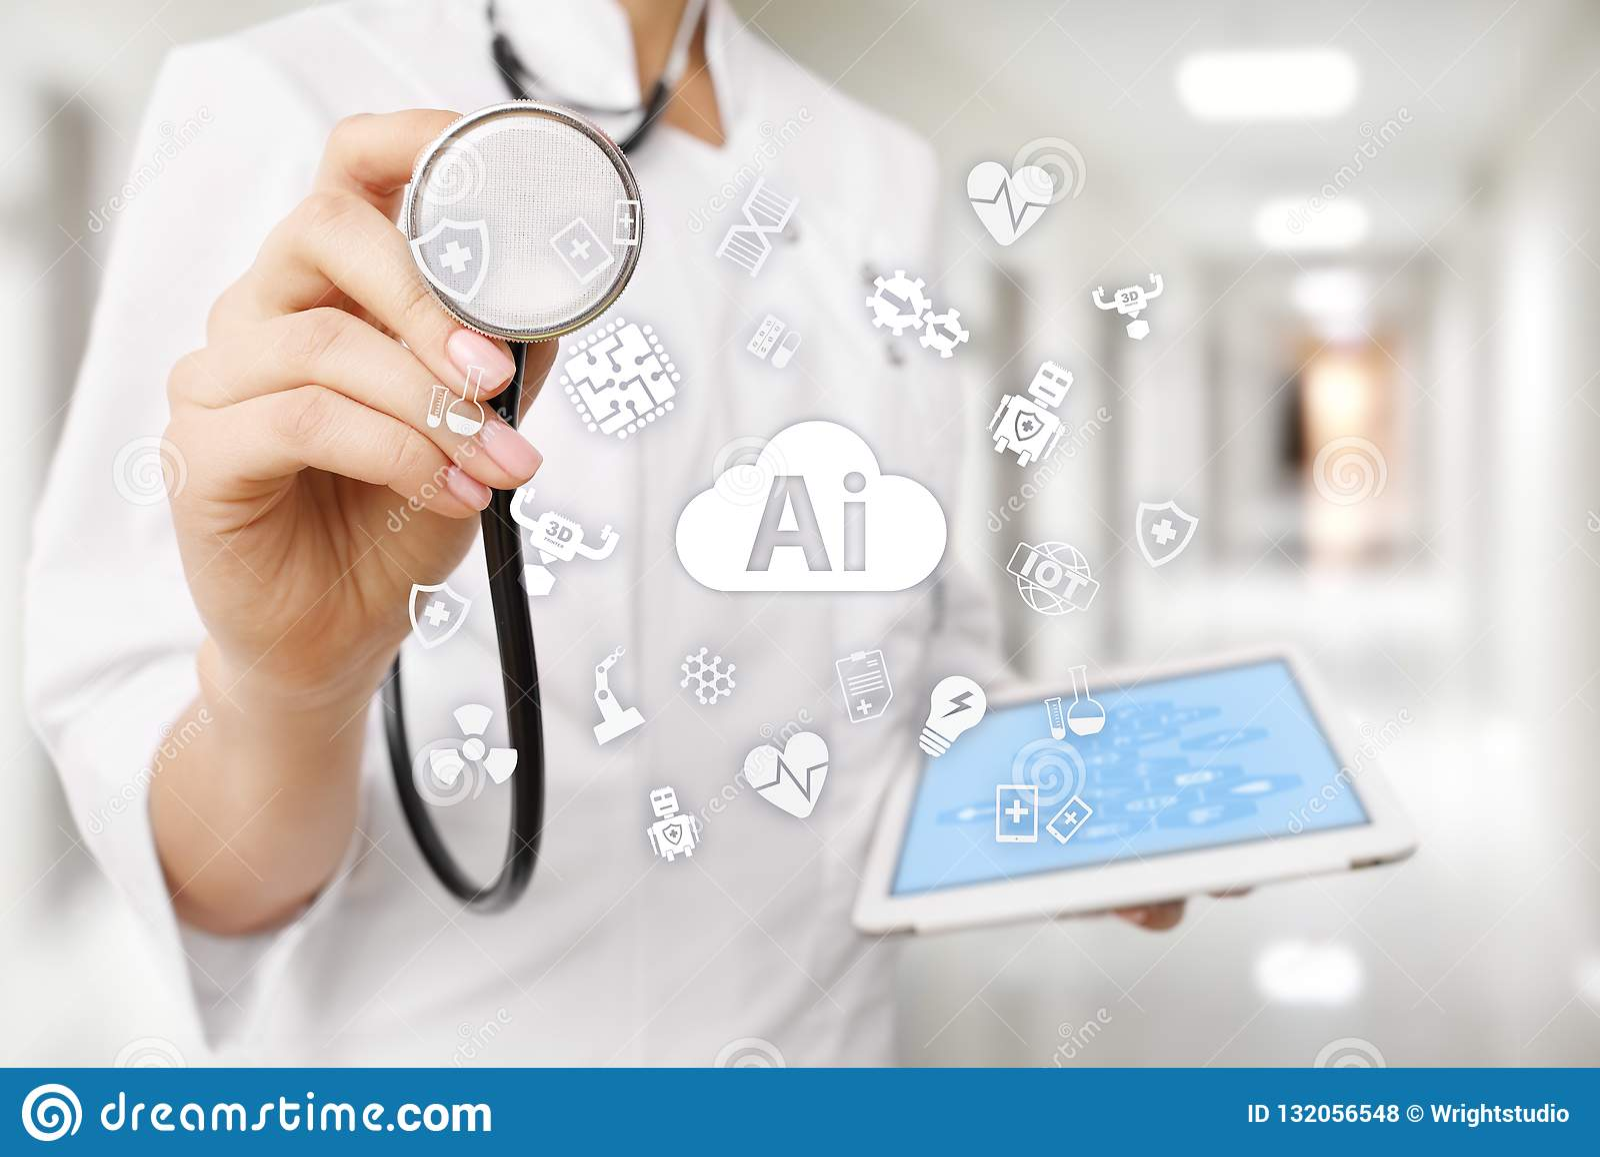 AI, intelligenza artificiale, nella tecnologia medica moderna IOT e automazione